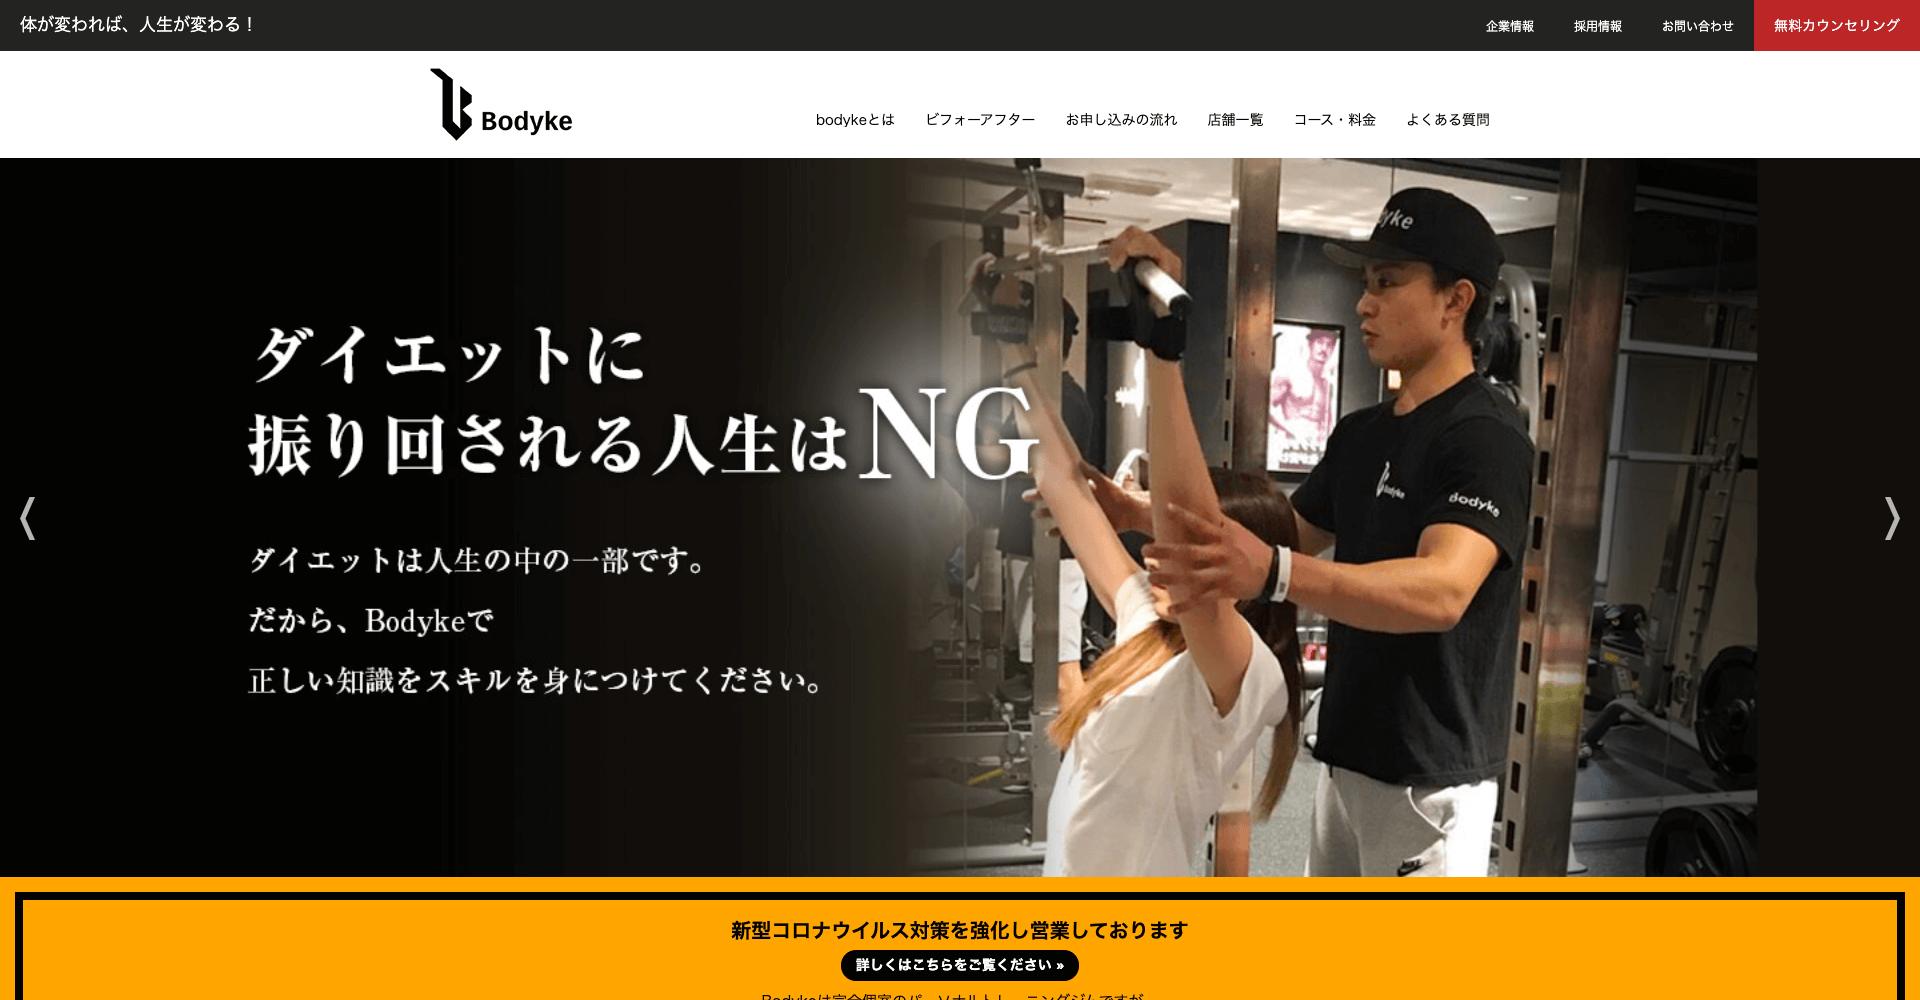 Bodyke(ボディーク)本厚木店